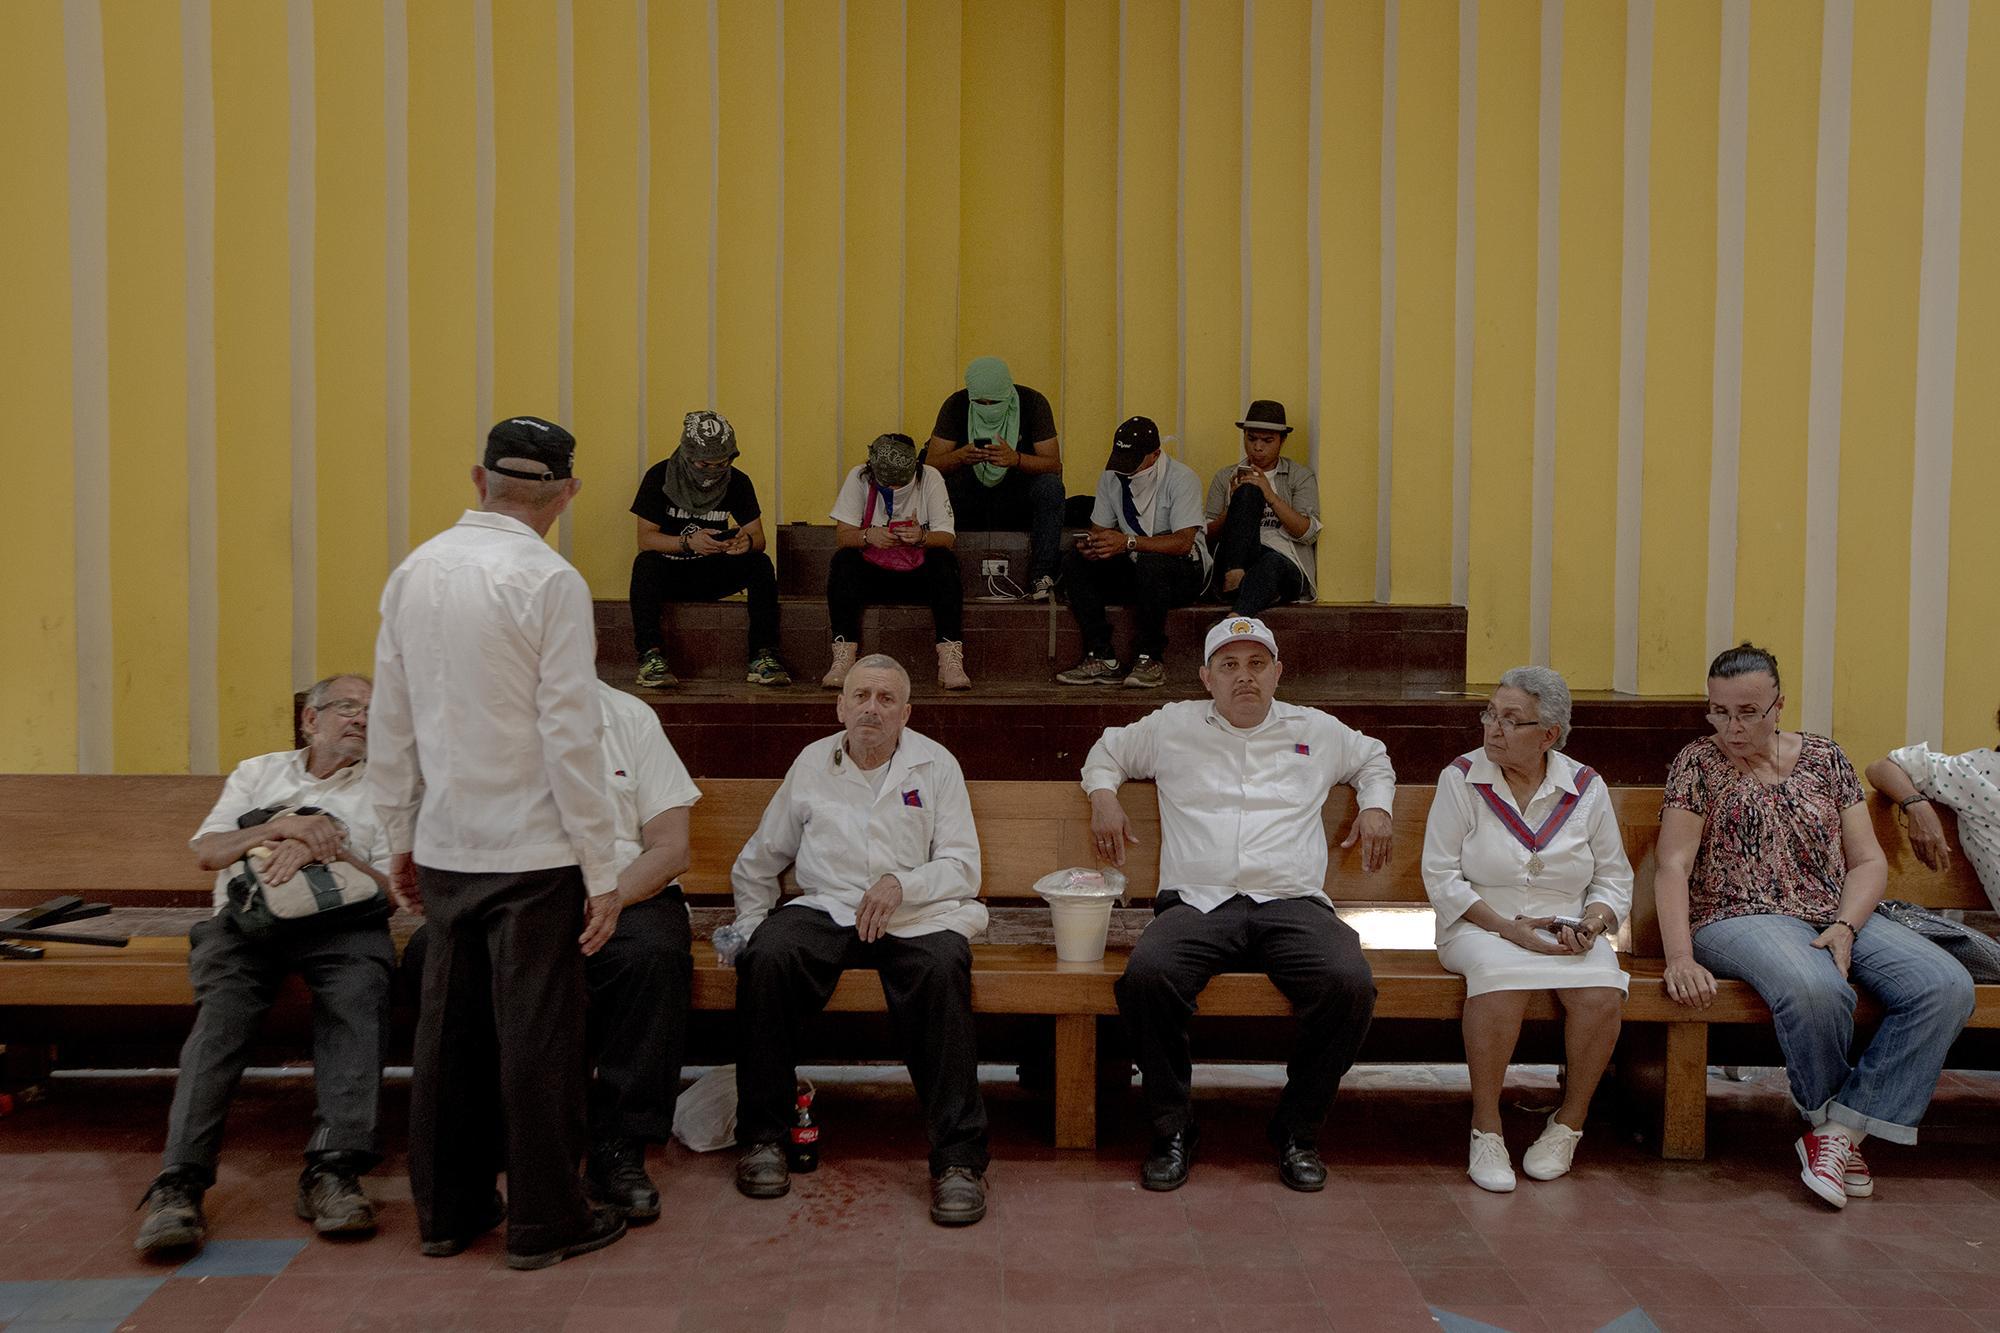 Jóvenes manifestantes (al fondo) y feligreses se resguardan de los ataques de la policía en el interior de la catedral de Managua. Al finalizar el viacrucis del viernes santo algunos de los manifestantes lanzaron piedras a miembros de la policía y estos respondieron con disparos y bombas aturdidoras. La escaramuza, esta vez, no pasó a más.